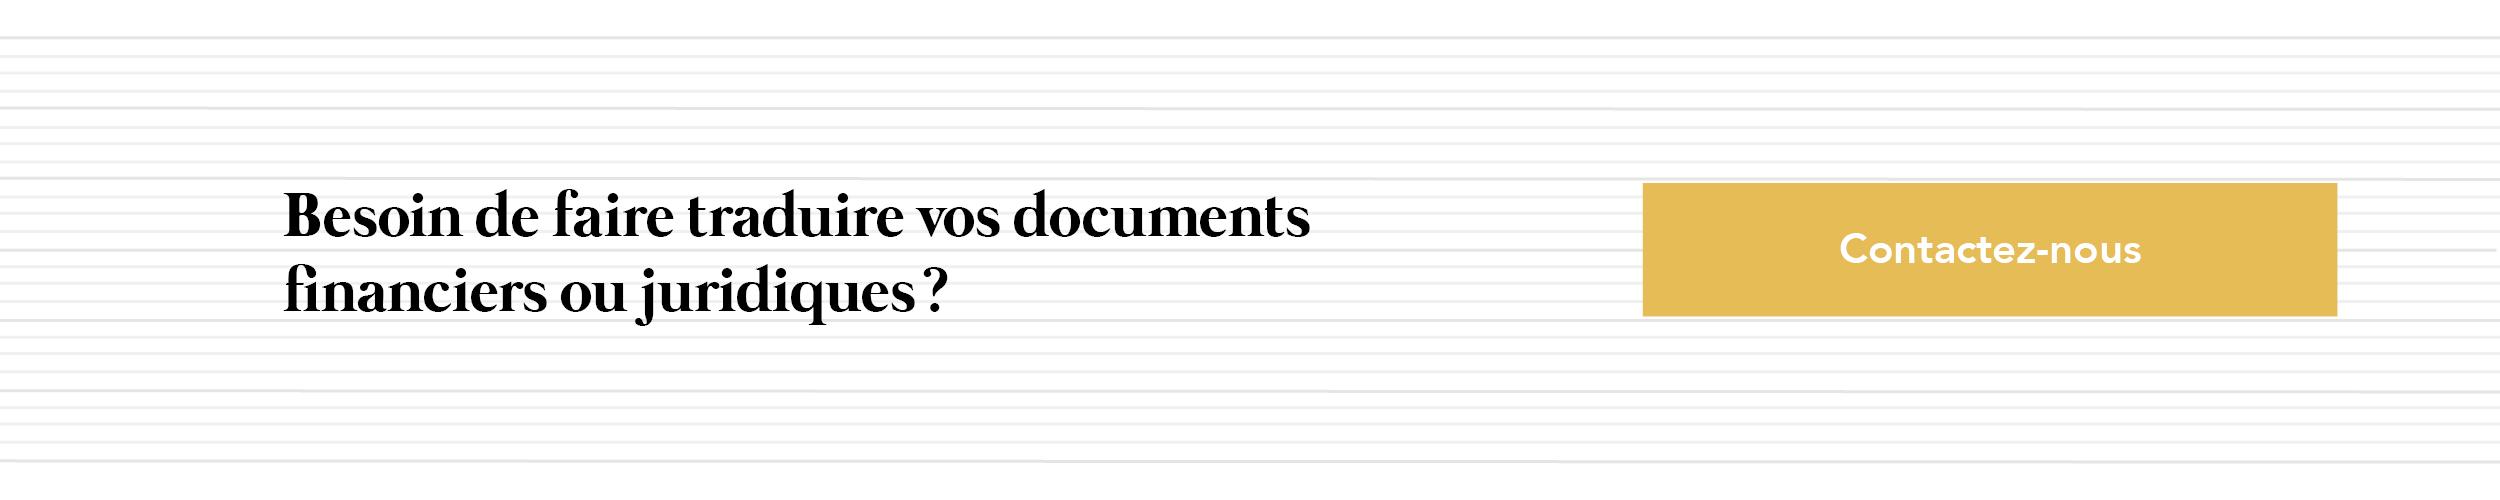 Besoin de faire traduire vos documents financiers ou juridiques ? Contactez-nous !